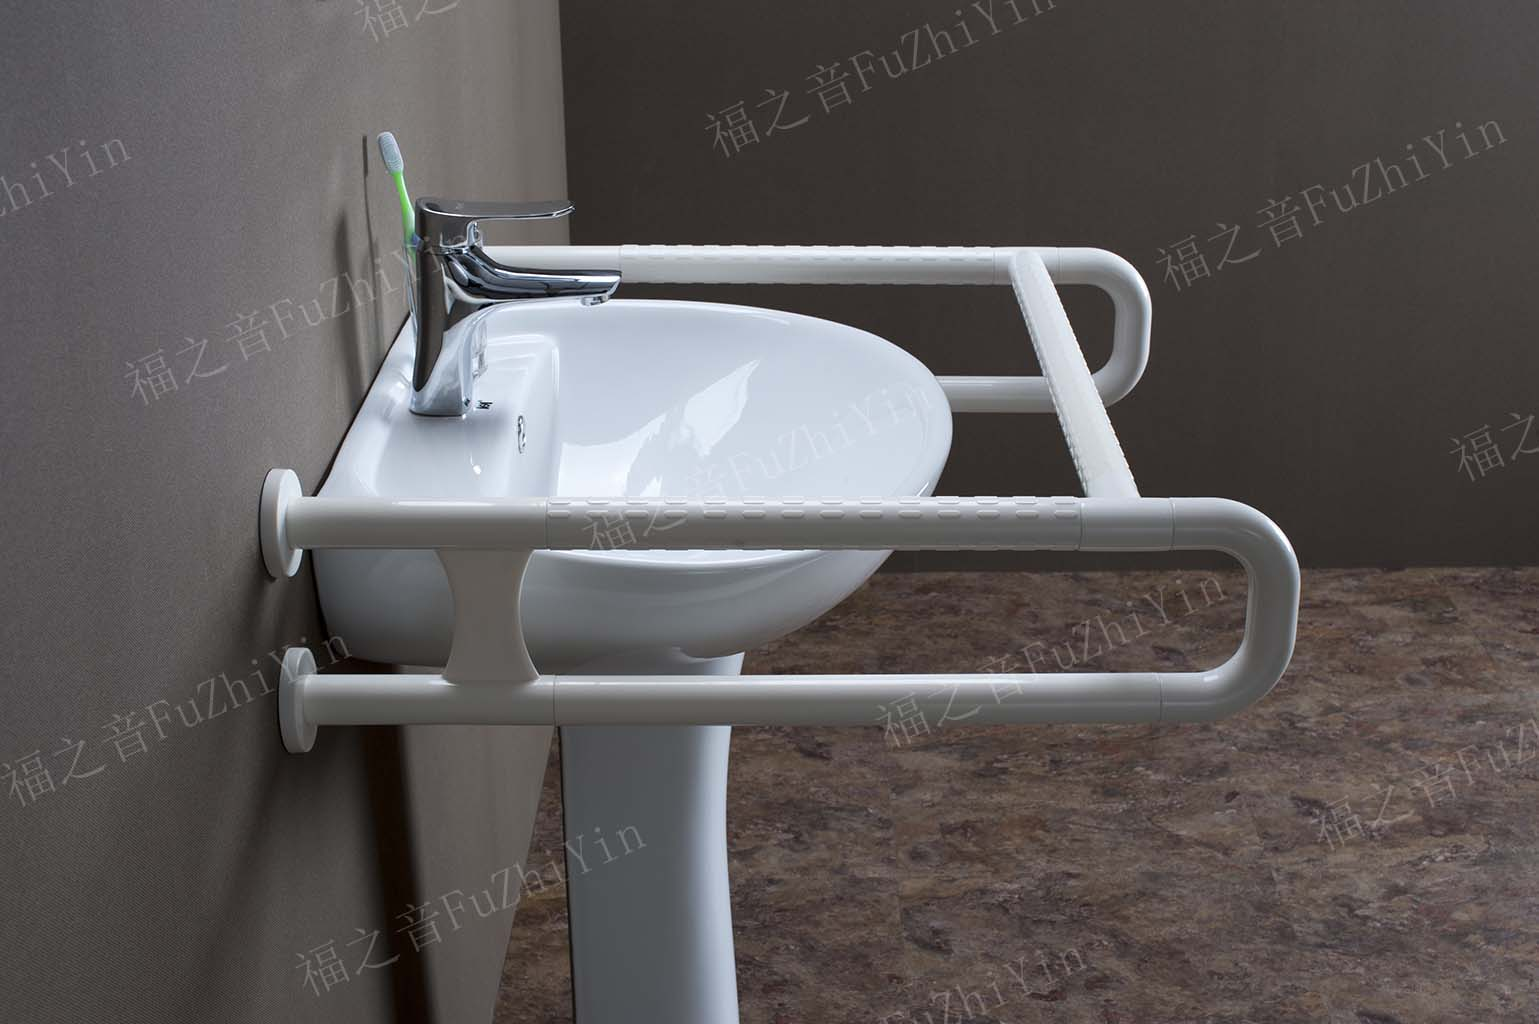 廠家推薦F-W0111-U型水平洗手盆專用落地扶手專用扶手廠家直銷,價位合理的U型水平洗手盆專用落地扶手品牌推薦